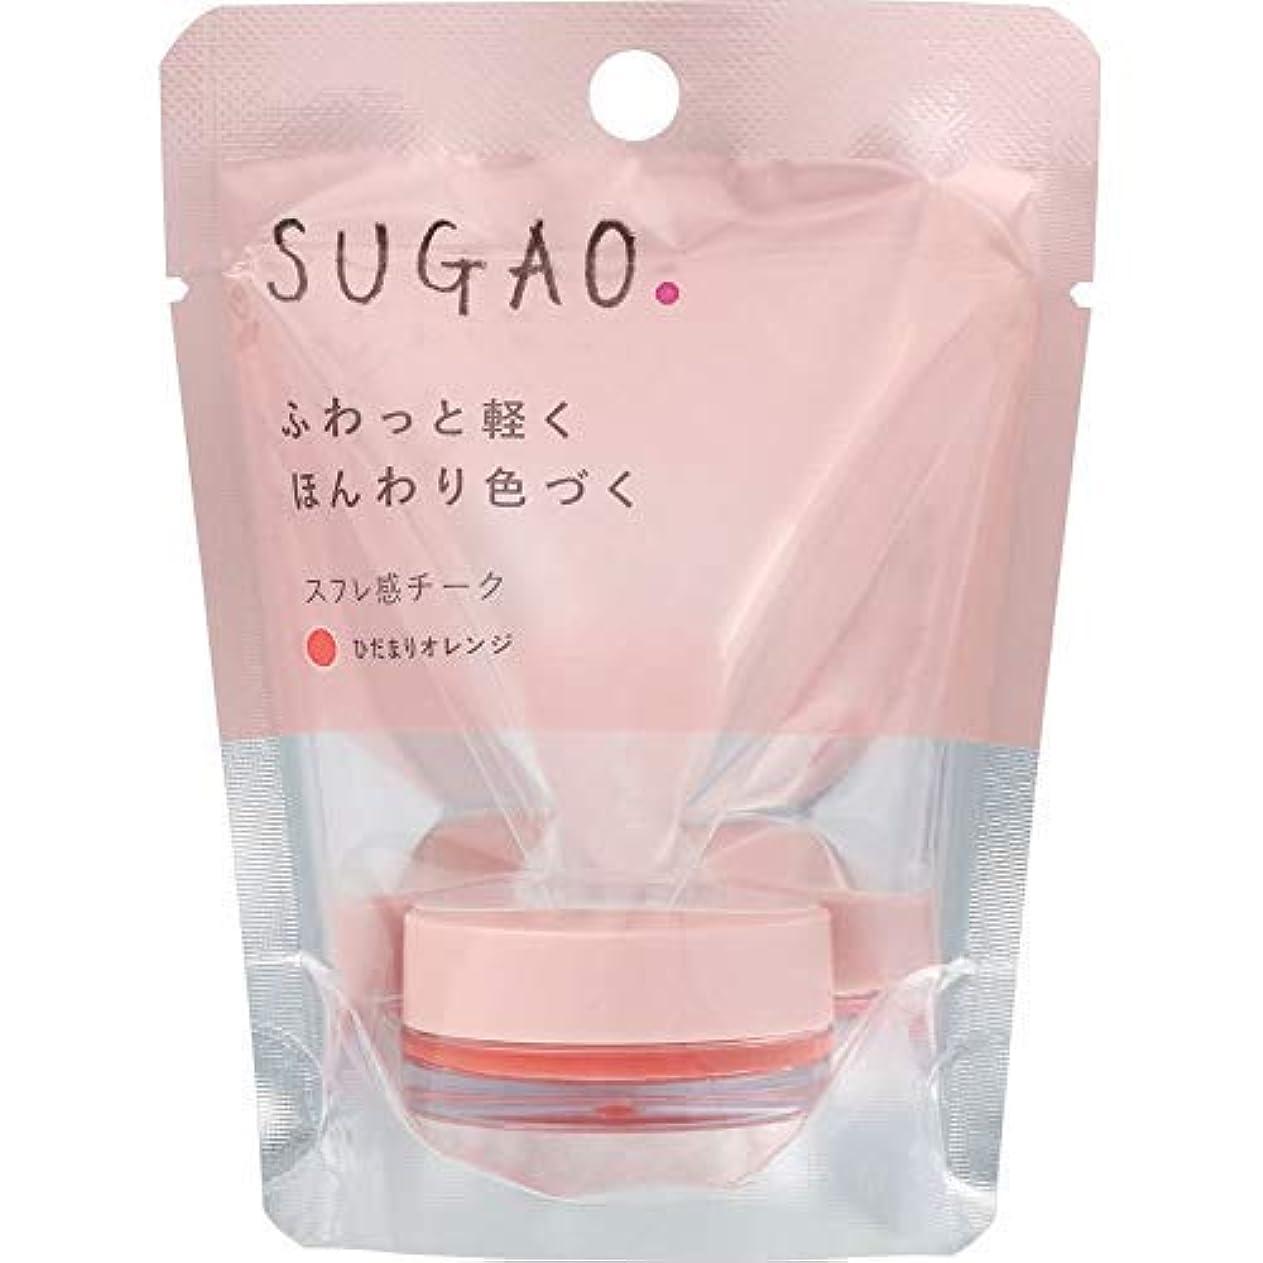 欠伸プレゼンありそうSUGAO スフレ感チーク ひだまりオレンジ × 2個セット